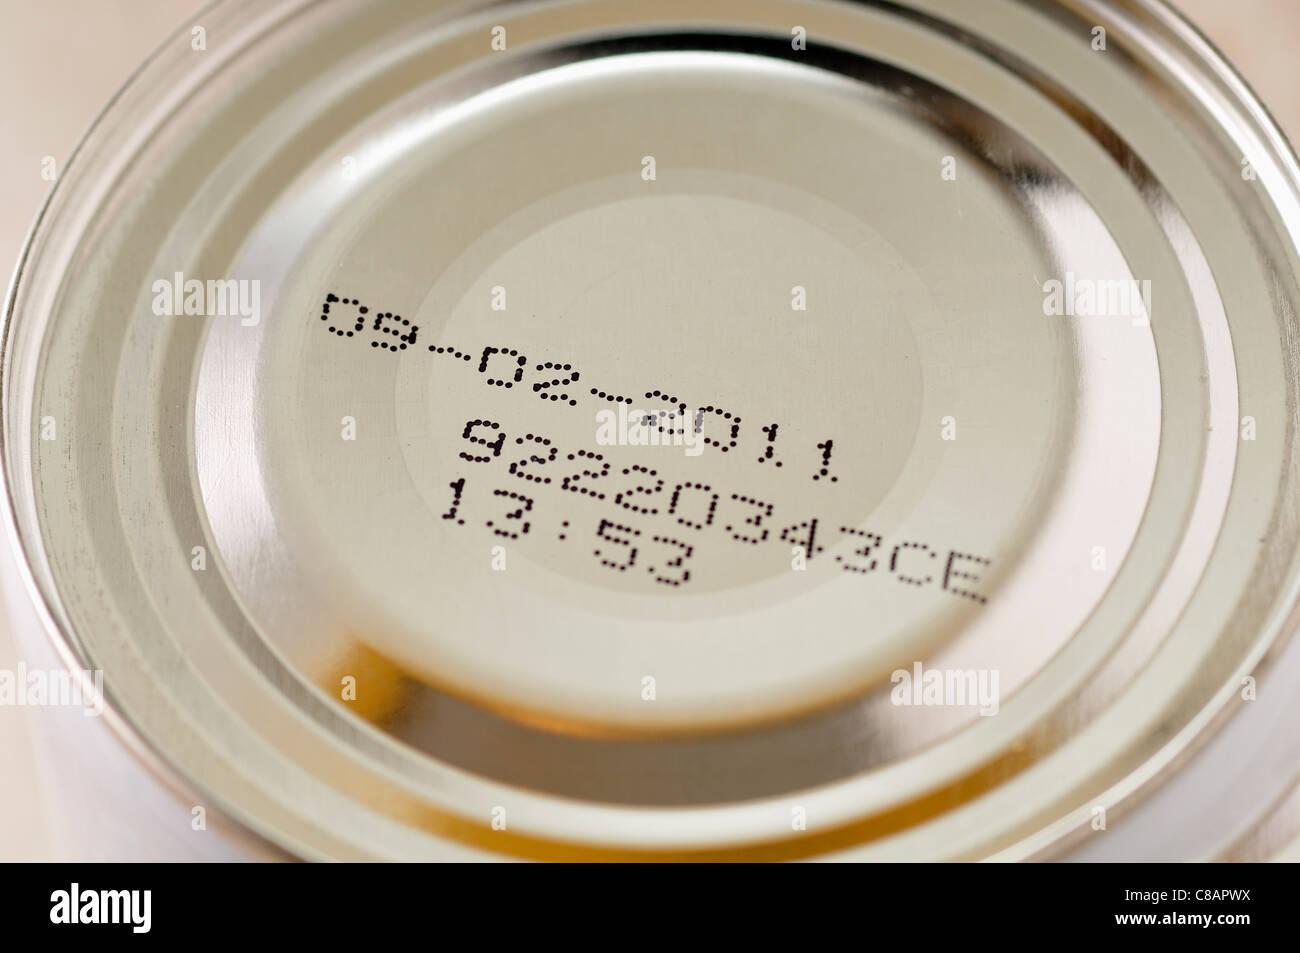 Verbrauch-Datum auf eine Dose essen Stockbild